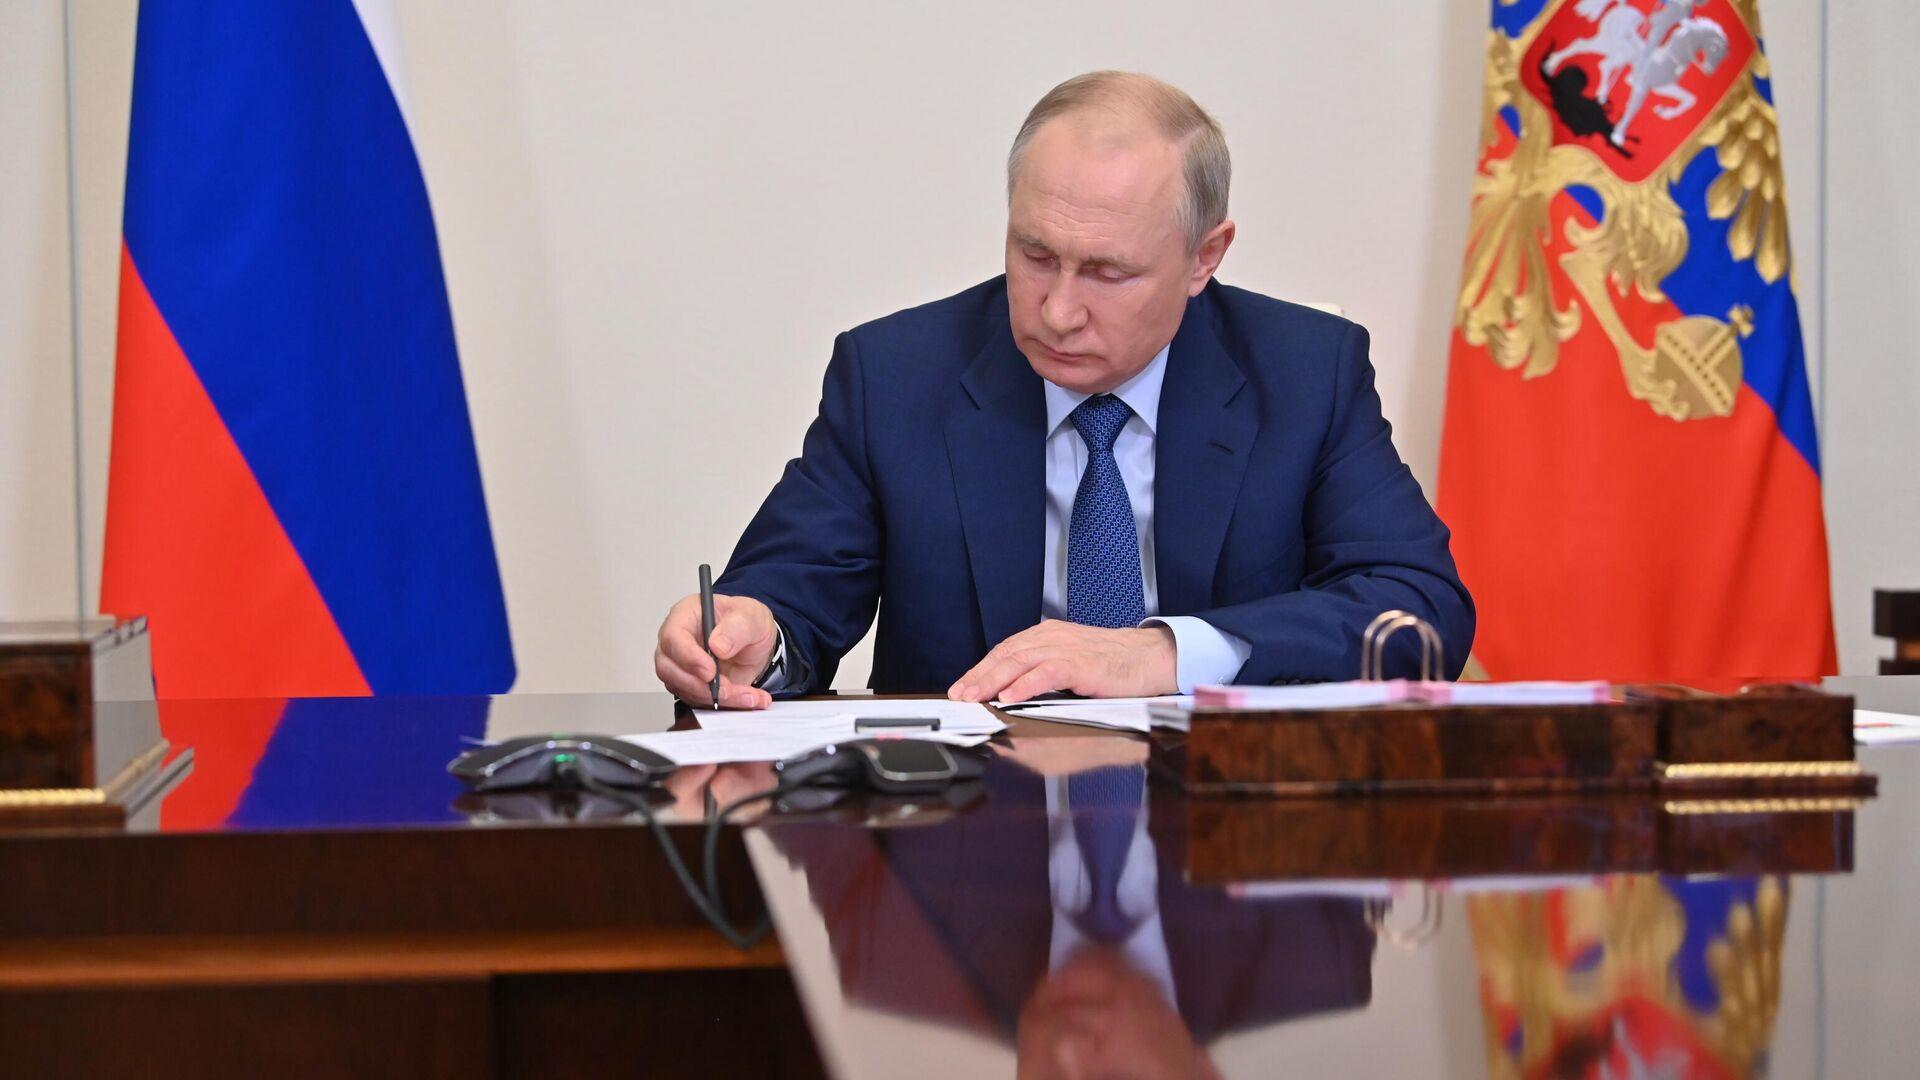 Президент РФ В. Путин провел совещание с членами правительства РФ - РИА Новости, 1920, 24.06.2021